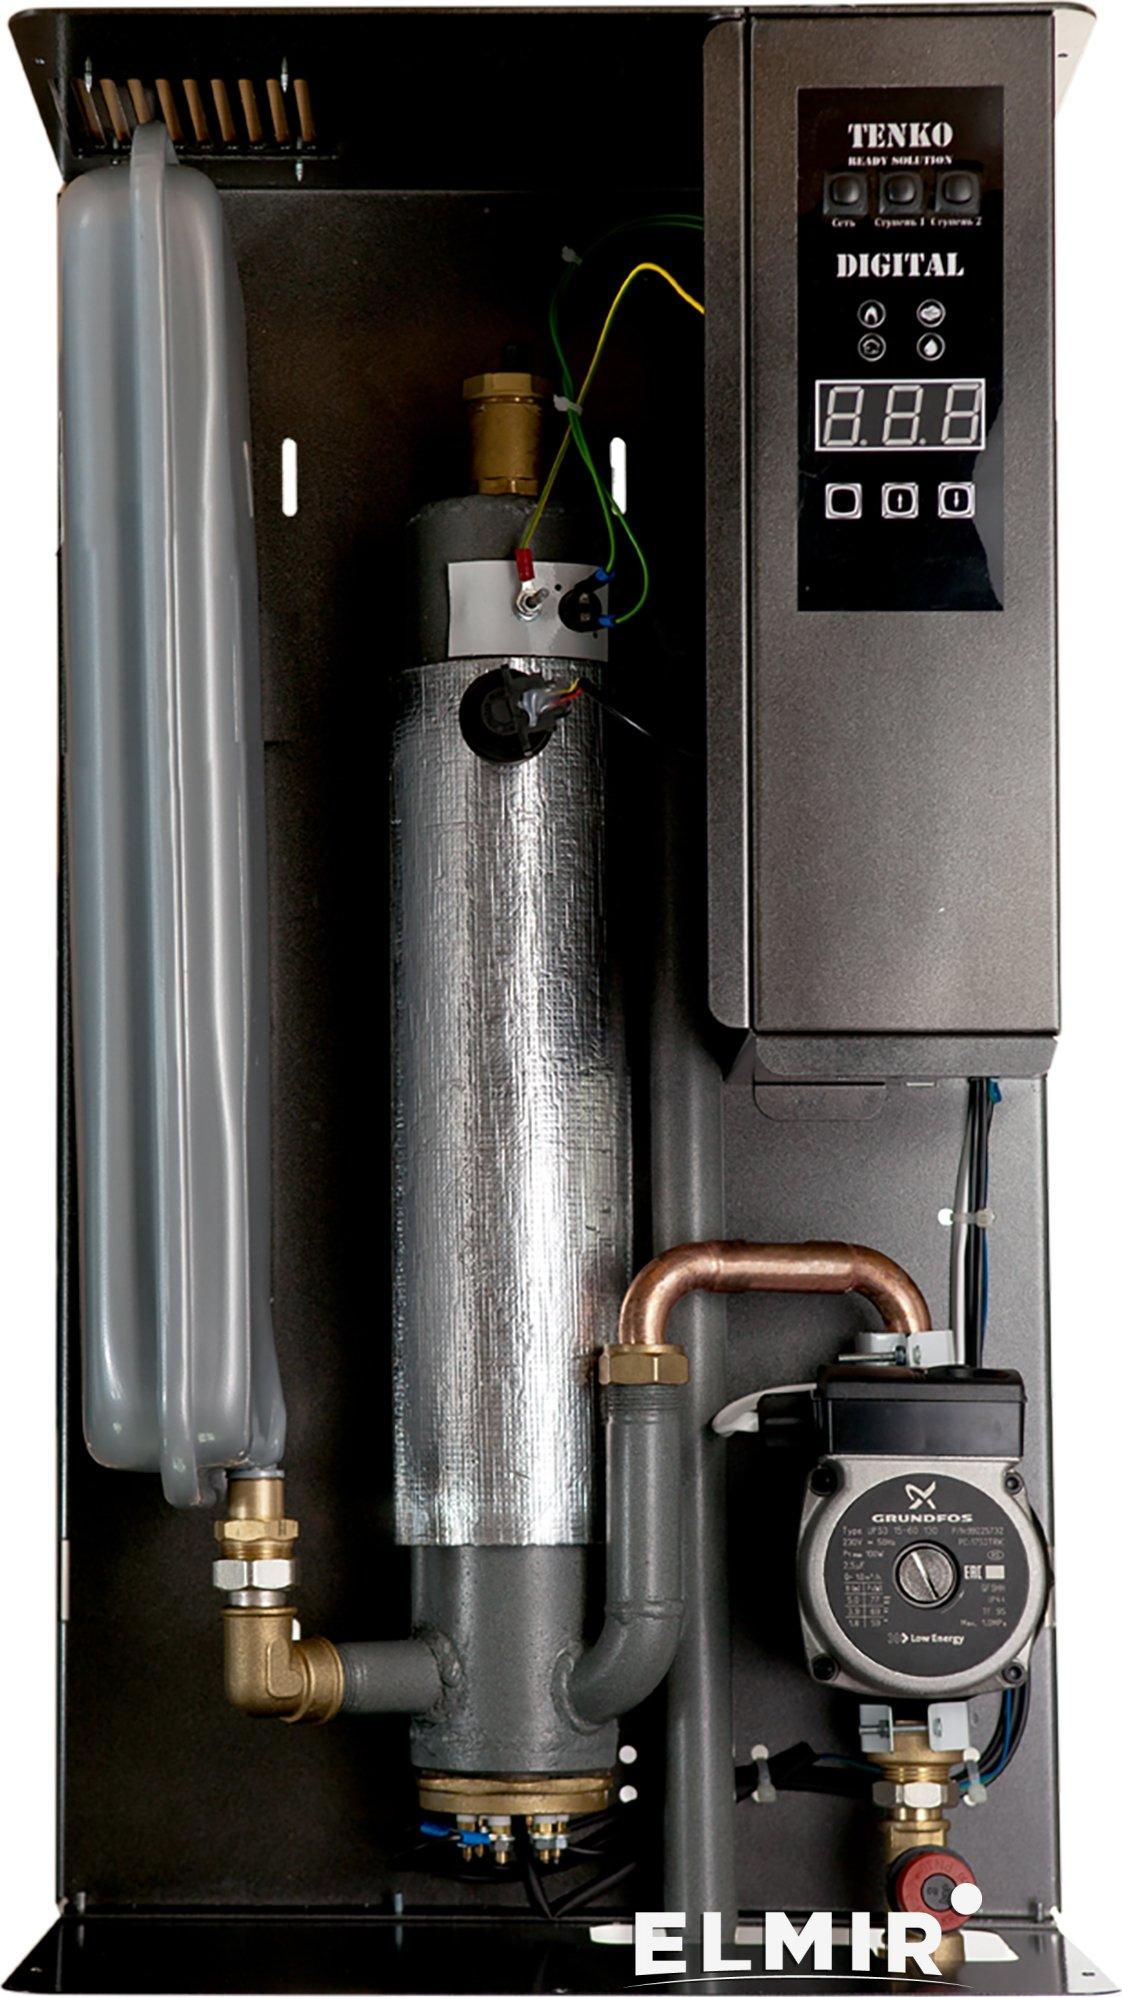 Недорогое тепло для каждого дома: электрический отопительный энергосберегающий котел